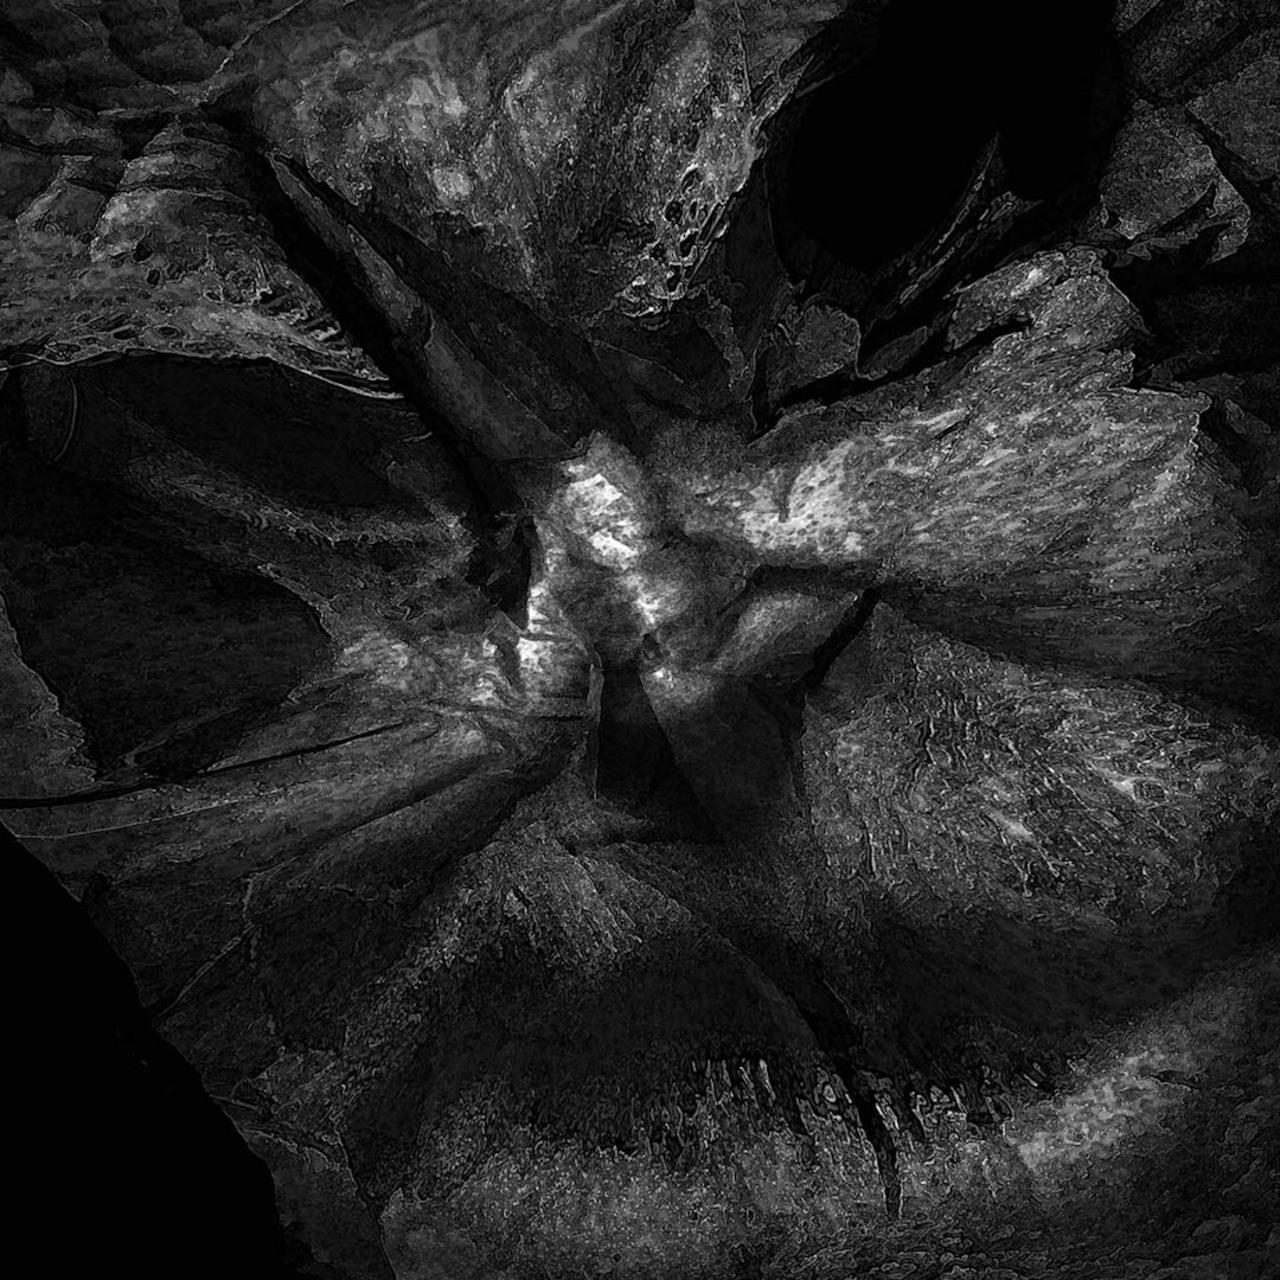 Troska i beztroska, szczęście i zagłada. Wystawa fotografii i grafiki Erazma Wojciecha Felcyna